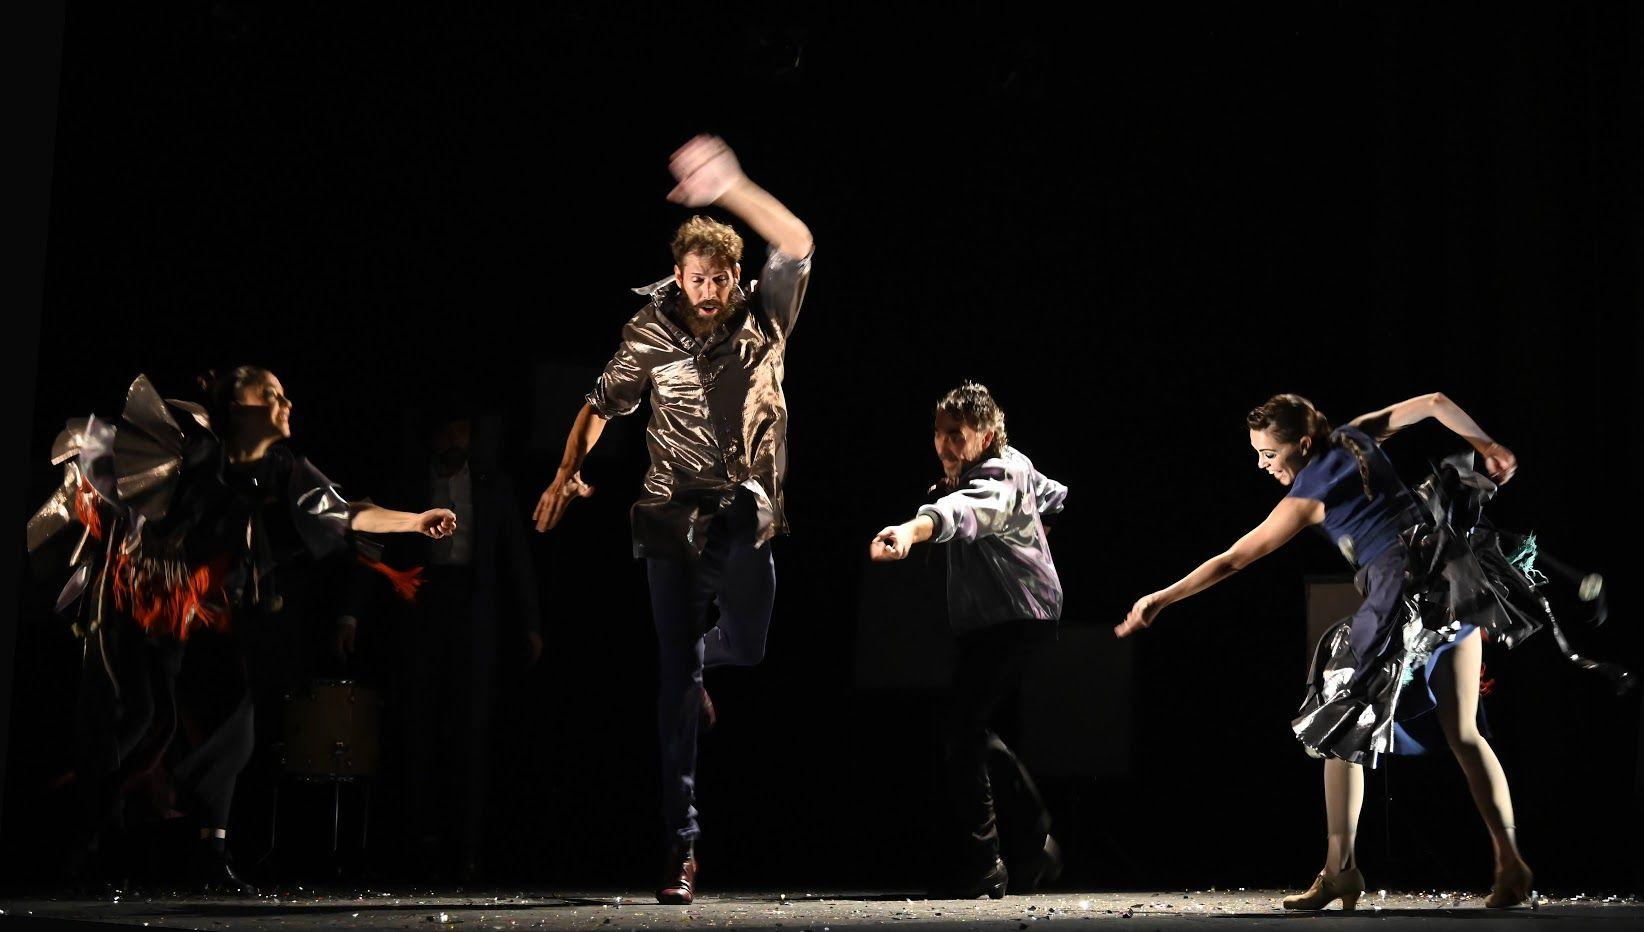 «Los cuerpos celestes» mezcla de flamenco y música electrónica en el Teatro Alhambra